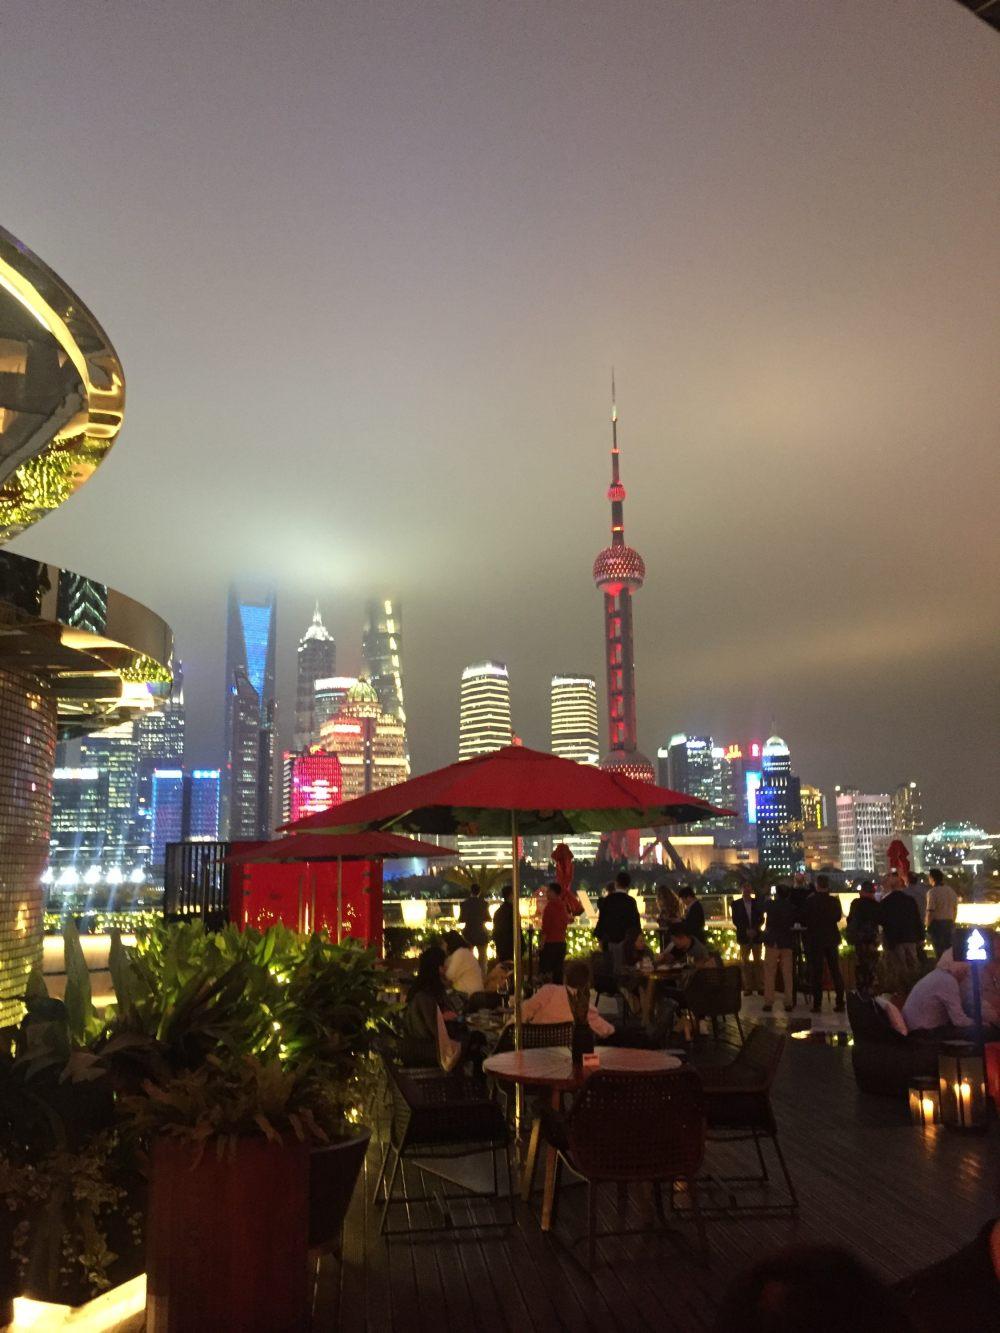 上海外滩W酒店,史上最全入住体验 自拍分享,申请置...._IMG_5863.JPG